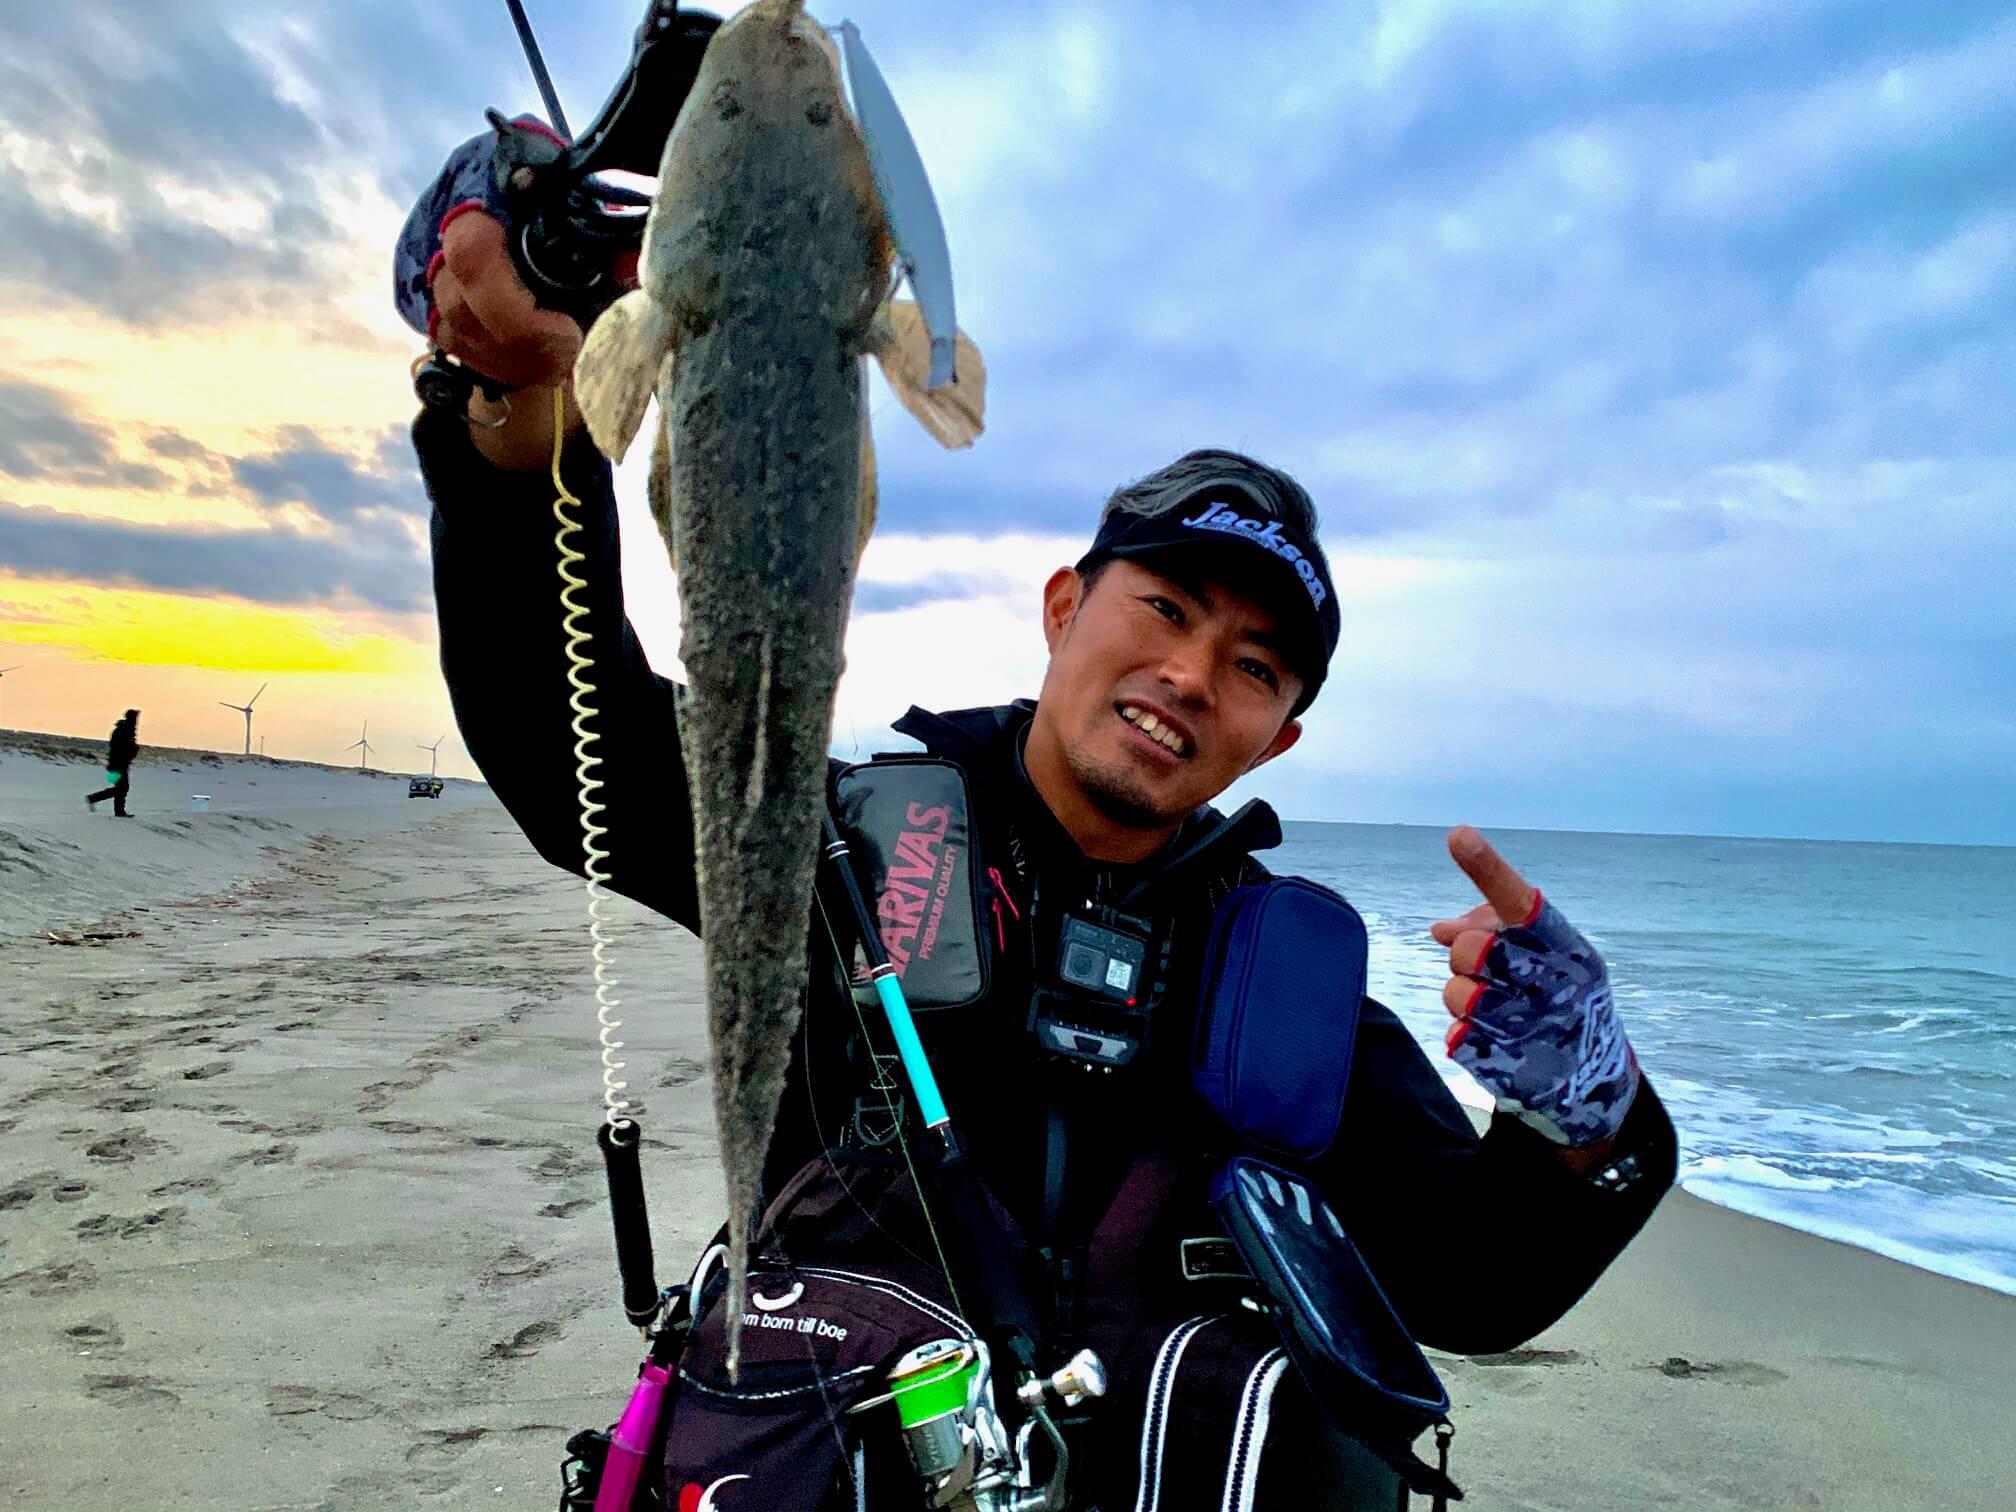 サーフのヒラメ・シーバス・ワラサの3魚種が釣れた釣り方を徹底解説!